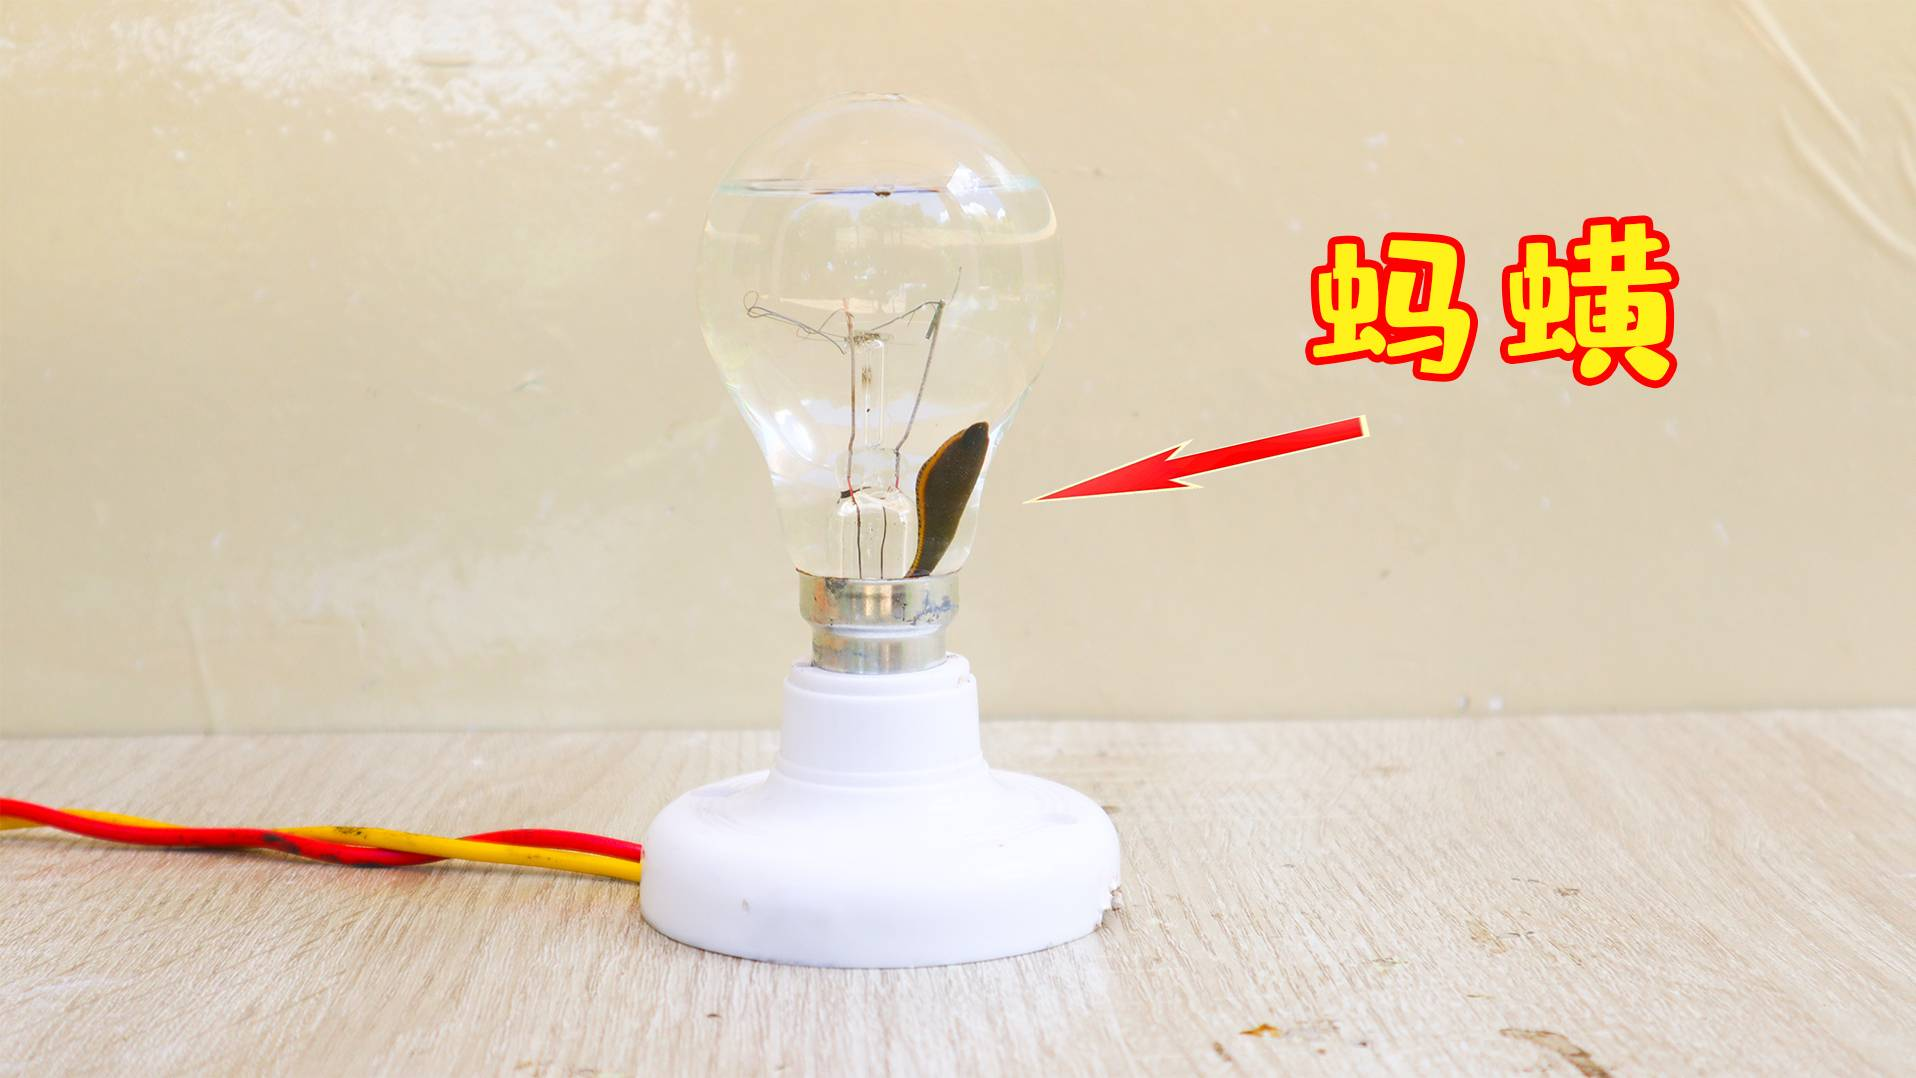 """将""""蚂蟥""""放进""""灯泡""""里面,接通电源,会发生什么?"""